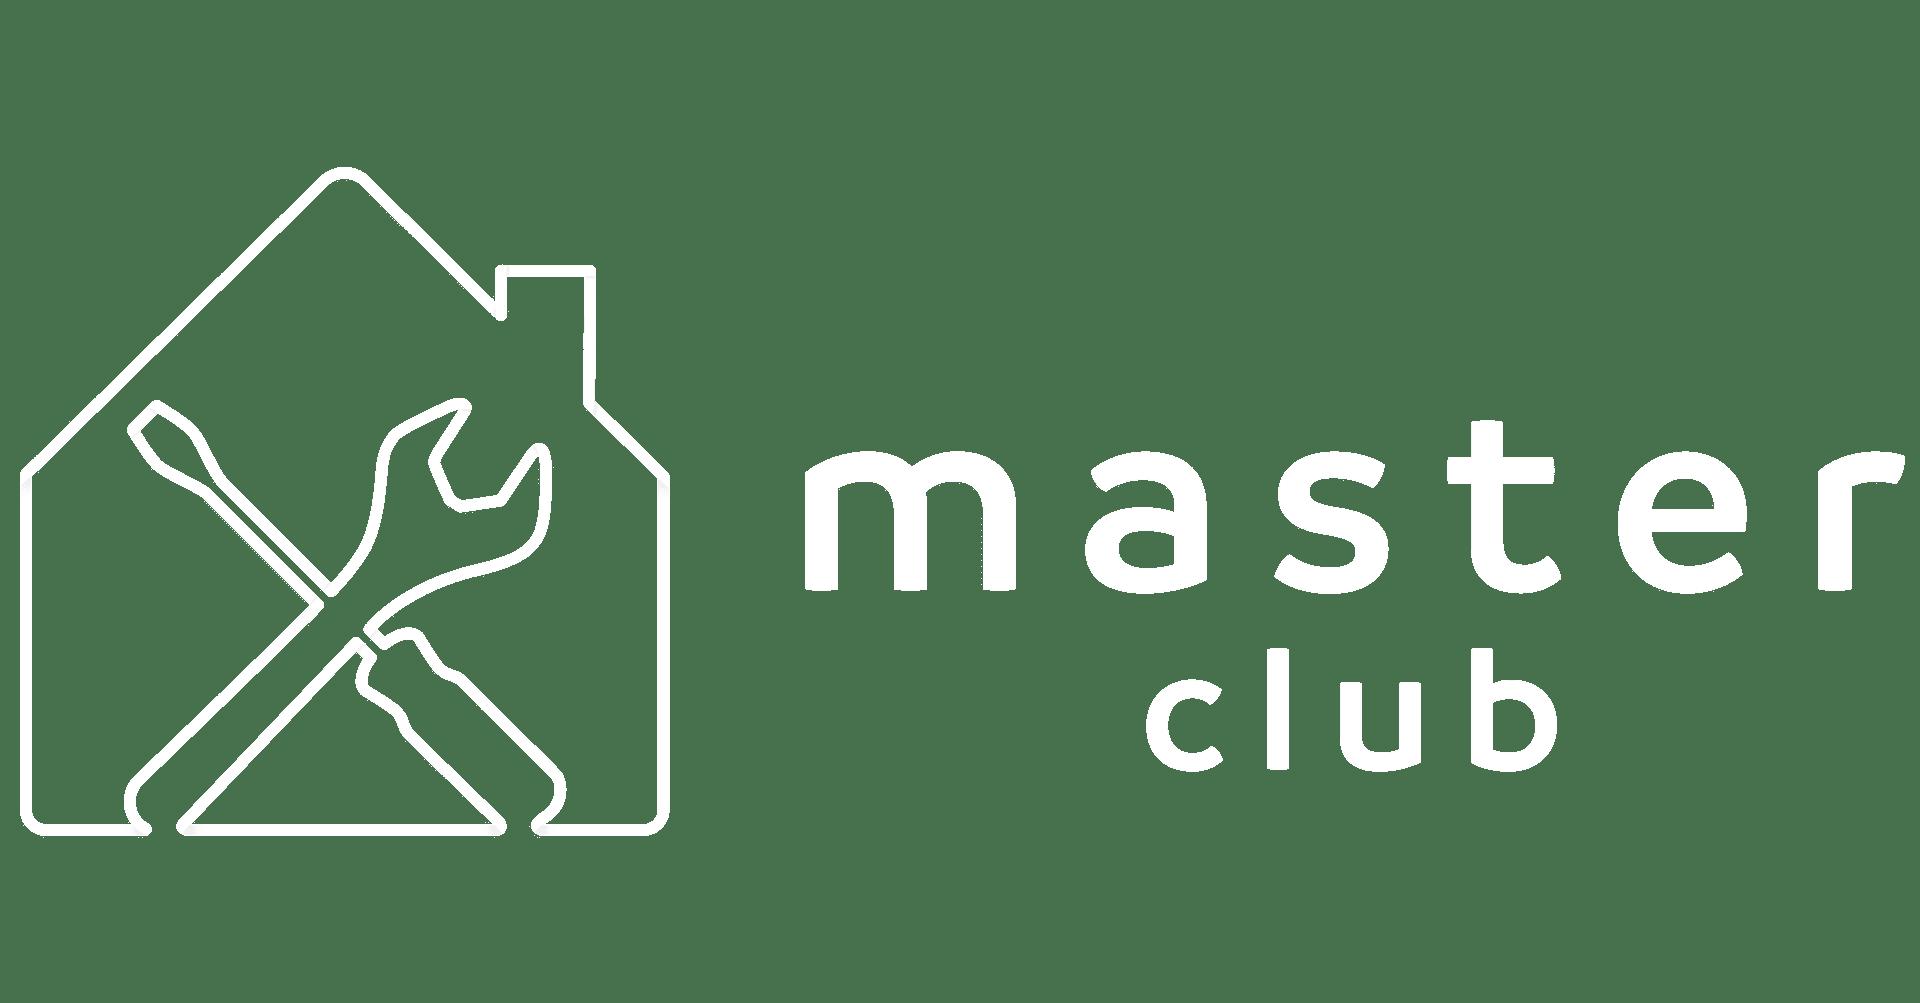 Master Club logo